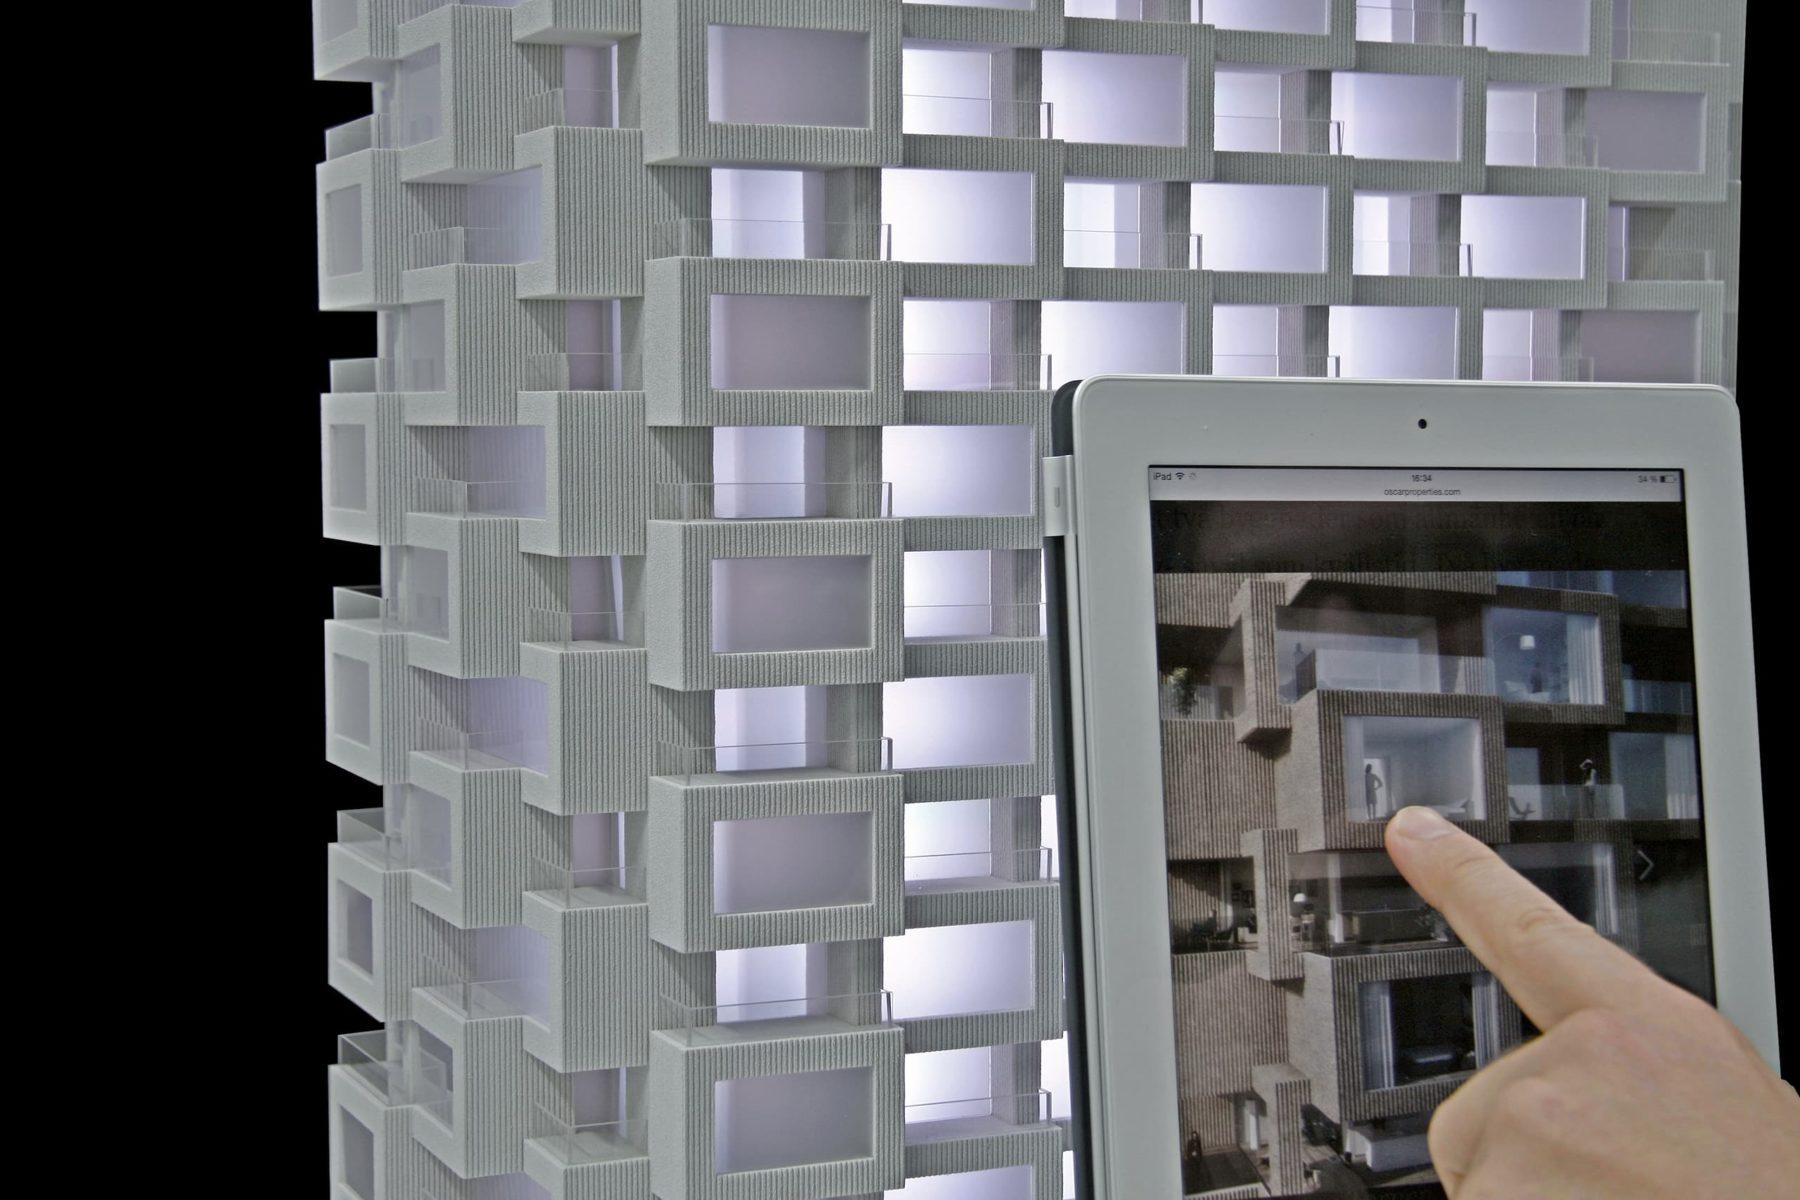 Nahaufnahme auf Architekturmodell im Vordergrund Real Estate Konfigurator App aufIPad